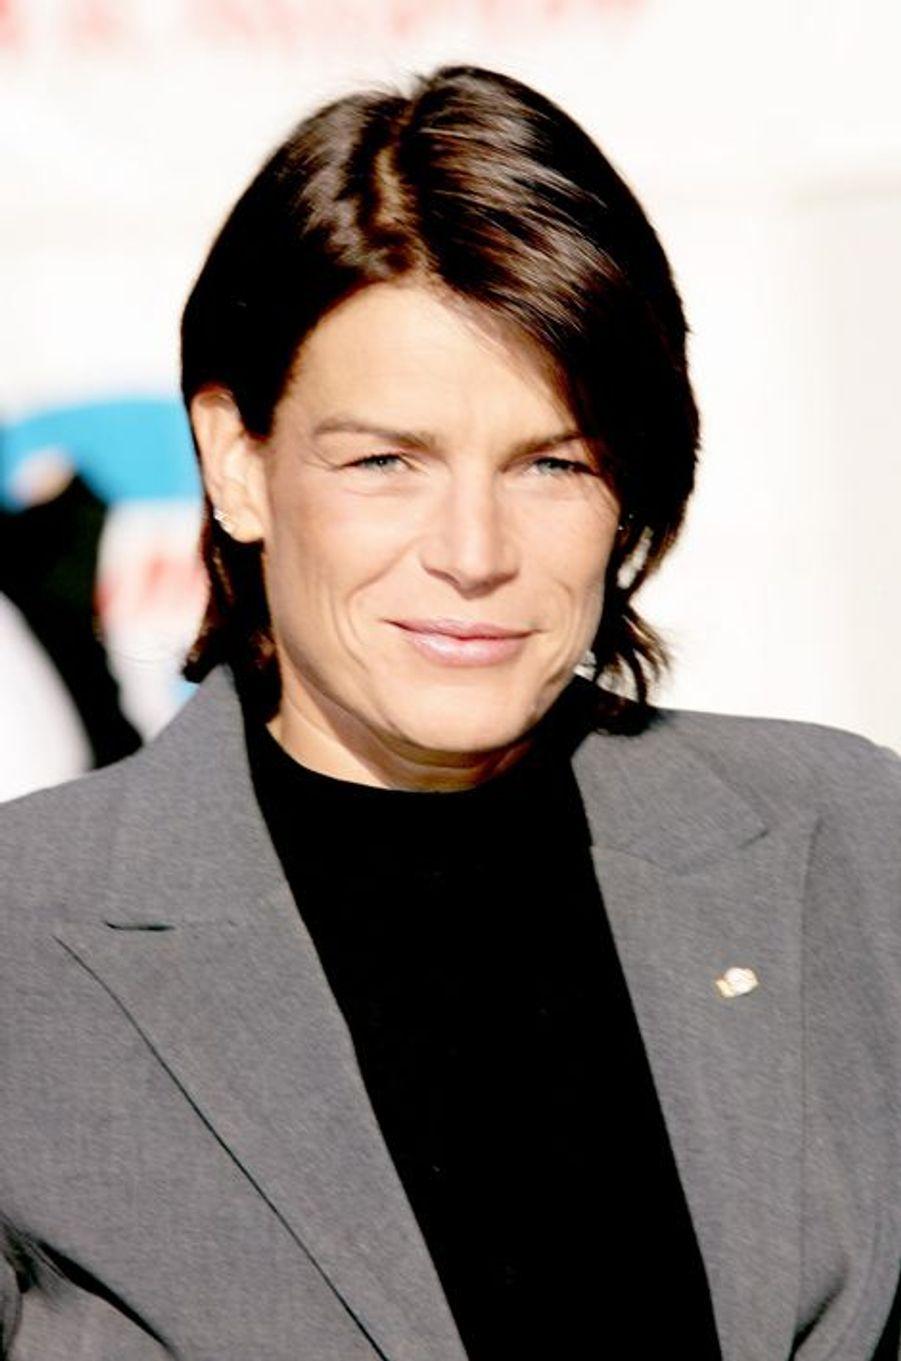 La princesse Stéphanie de Monaco le 20 novembre 2005